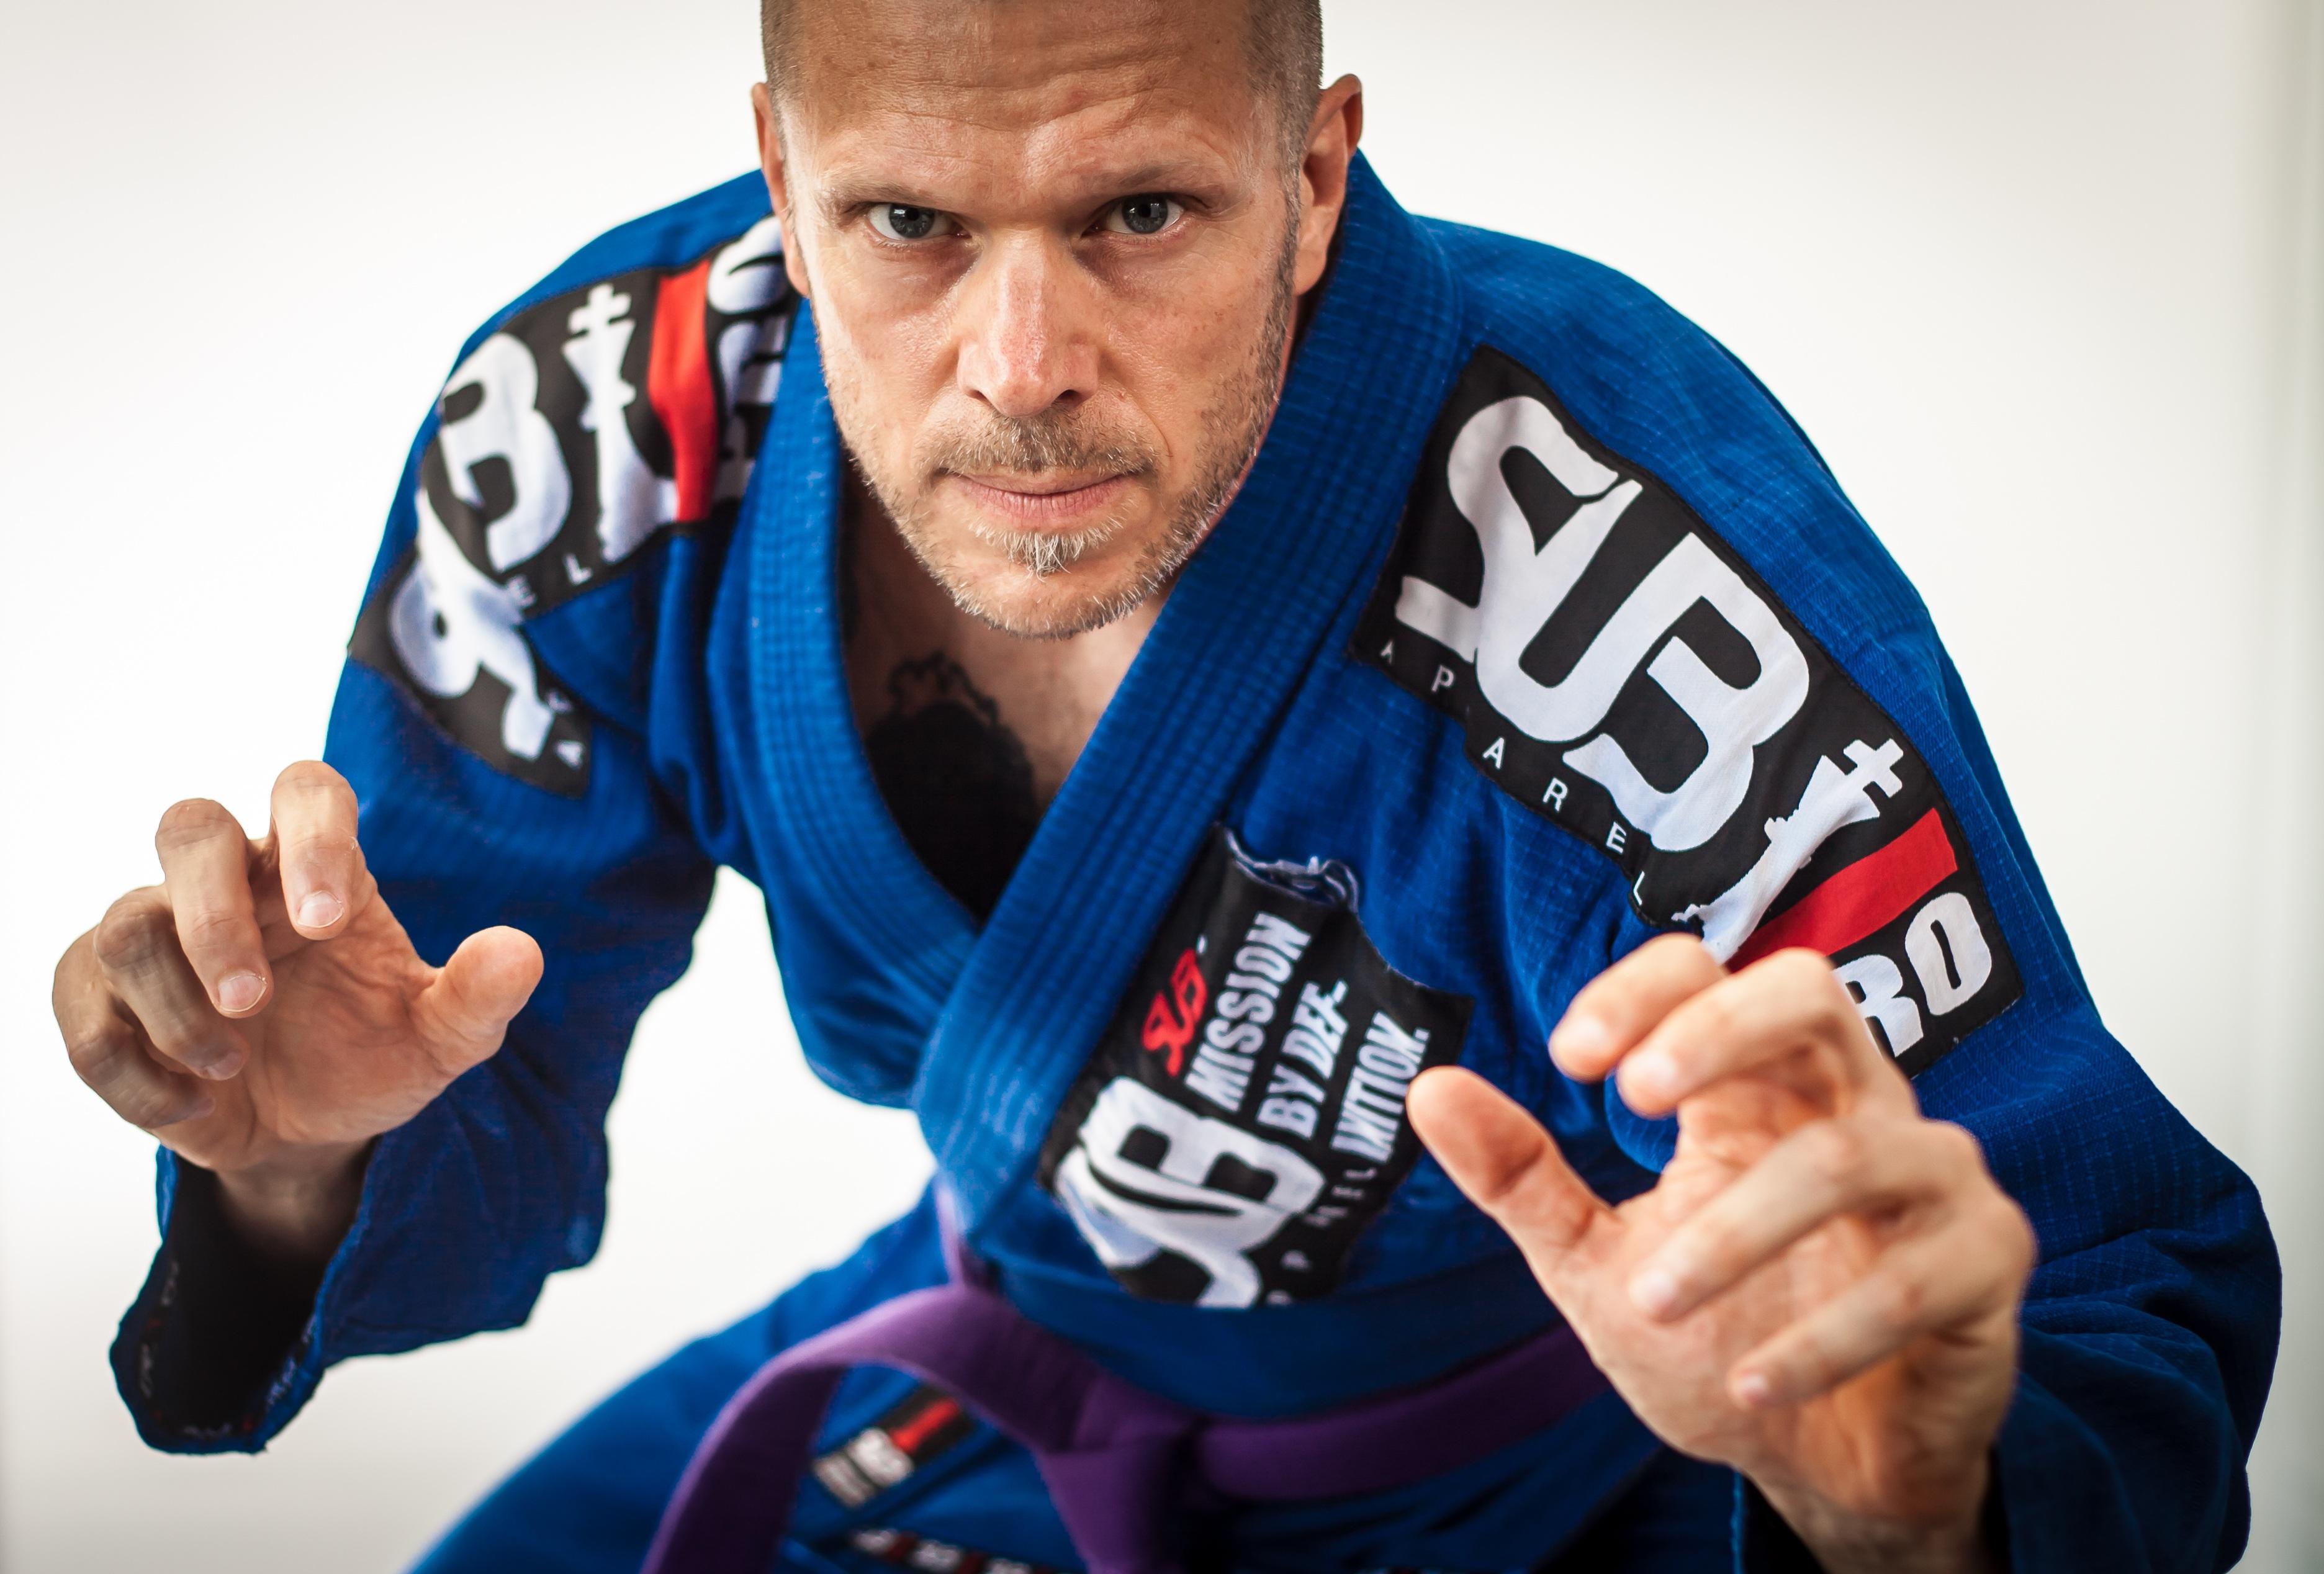 player sports brazilian judo martial mma bjj grappling jujitsu jiu jitsu  jujutsu brazilian jiu jitsu cavemantraining